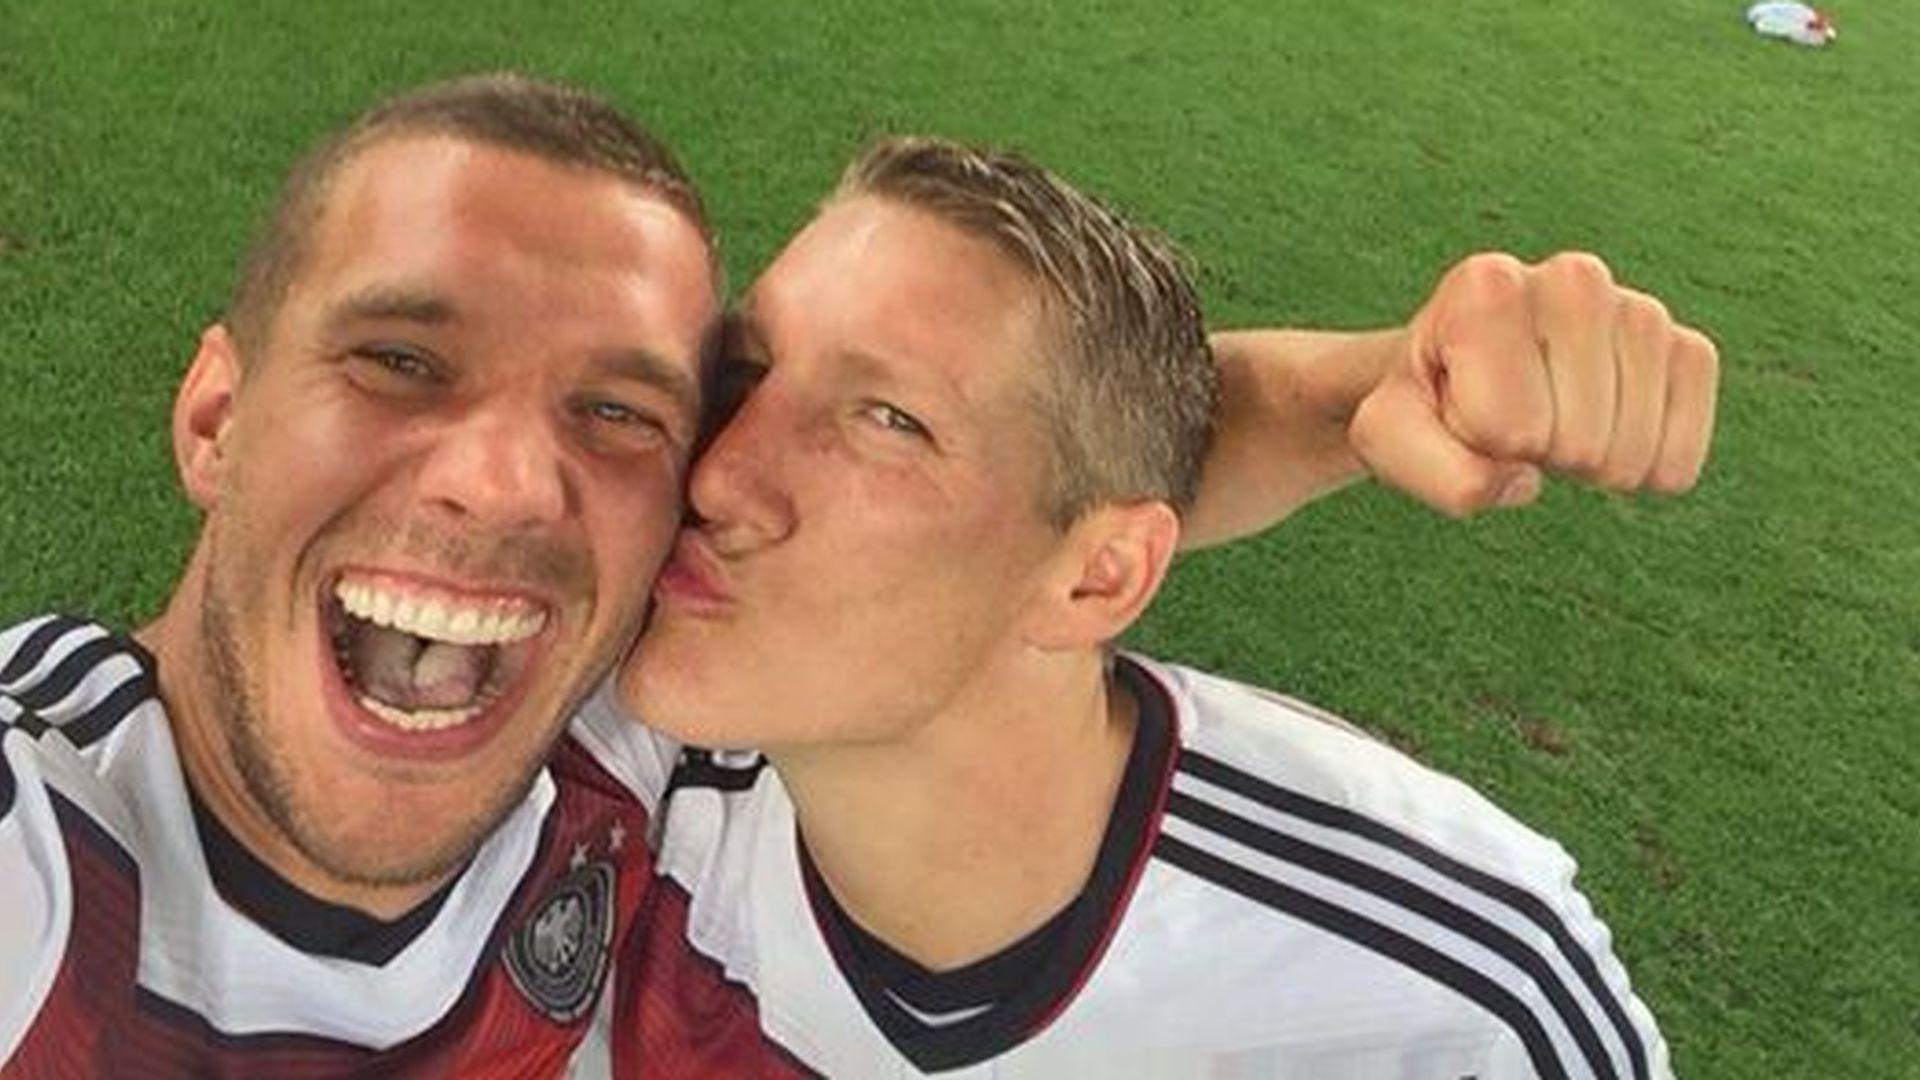 Bro Reunion  Poldi   Schweini wieder im selben Team